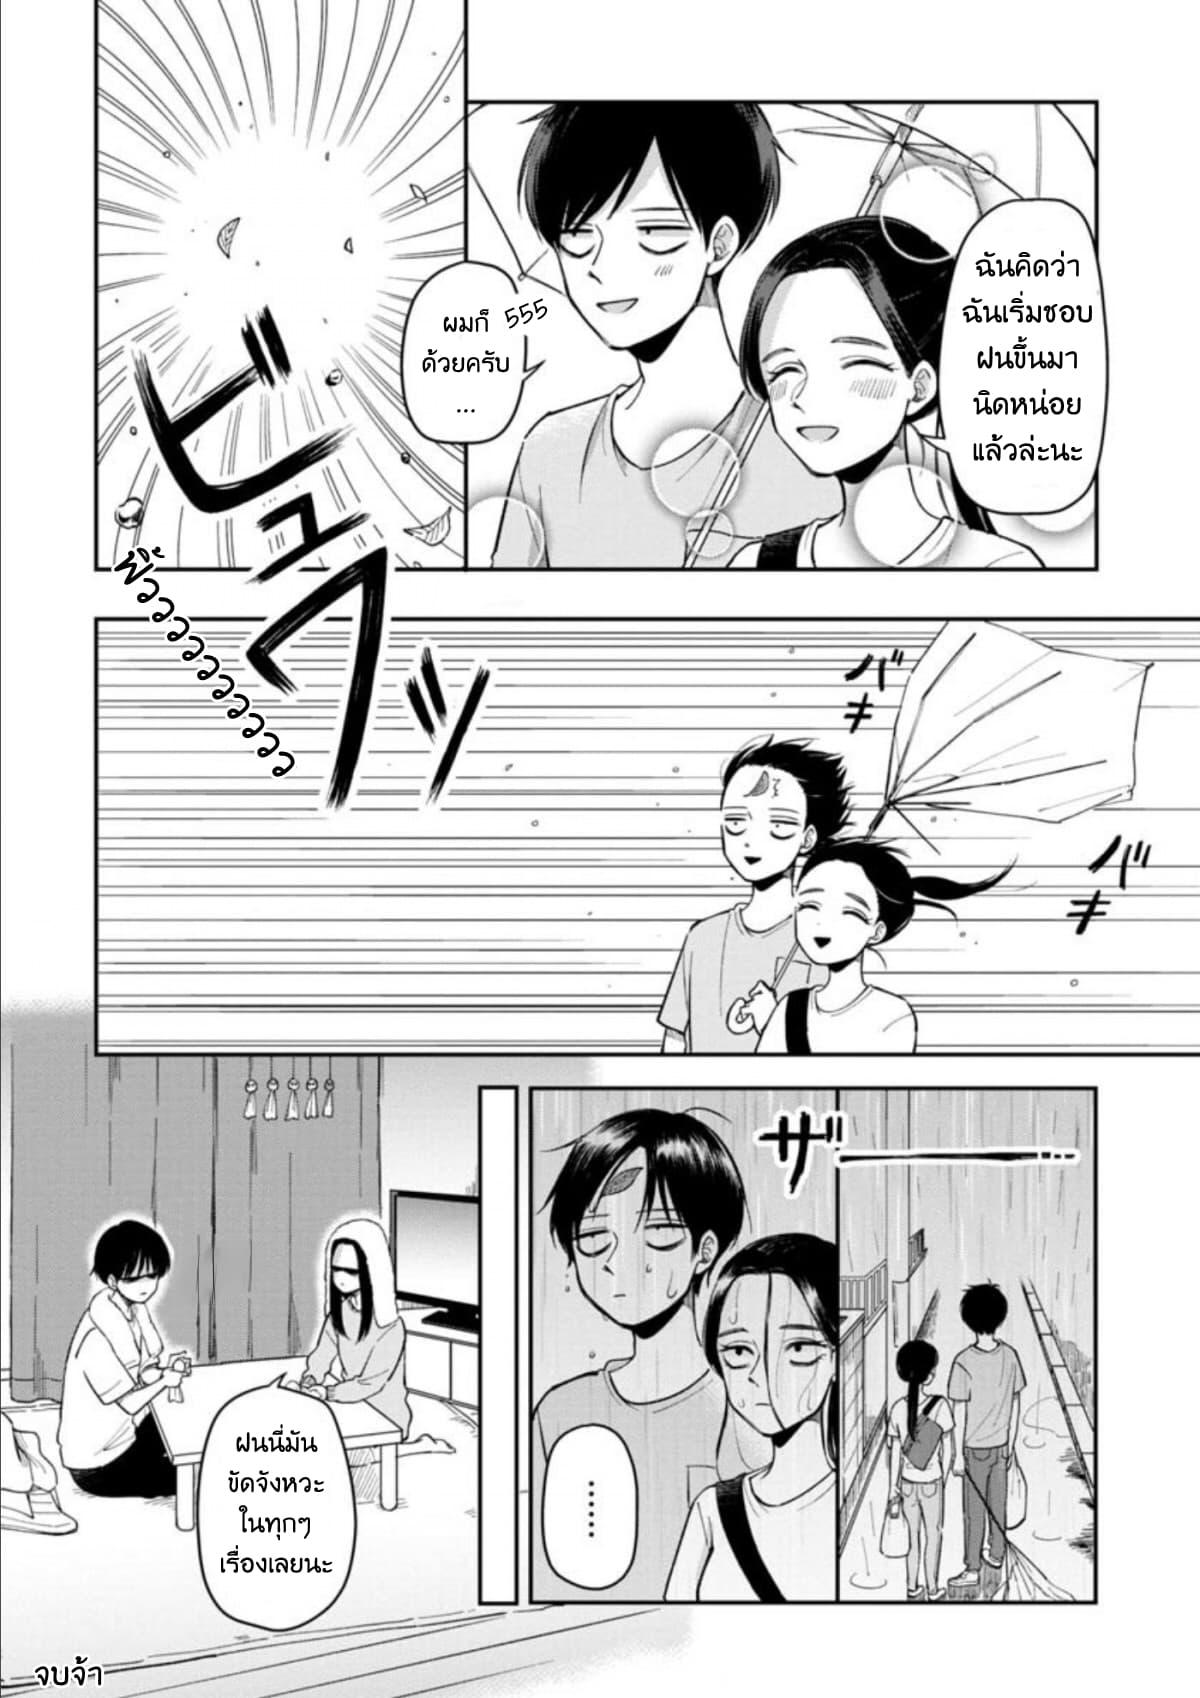 อ่านการ์ตูน Futari Ashitamo Sorenarini ตอนที่ 8 หน้าที่ 7